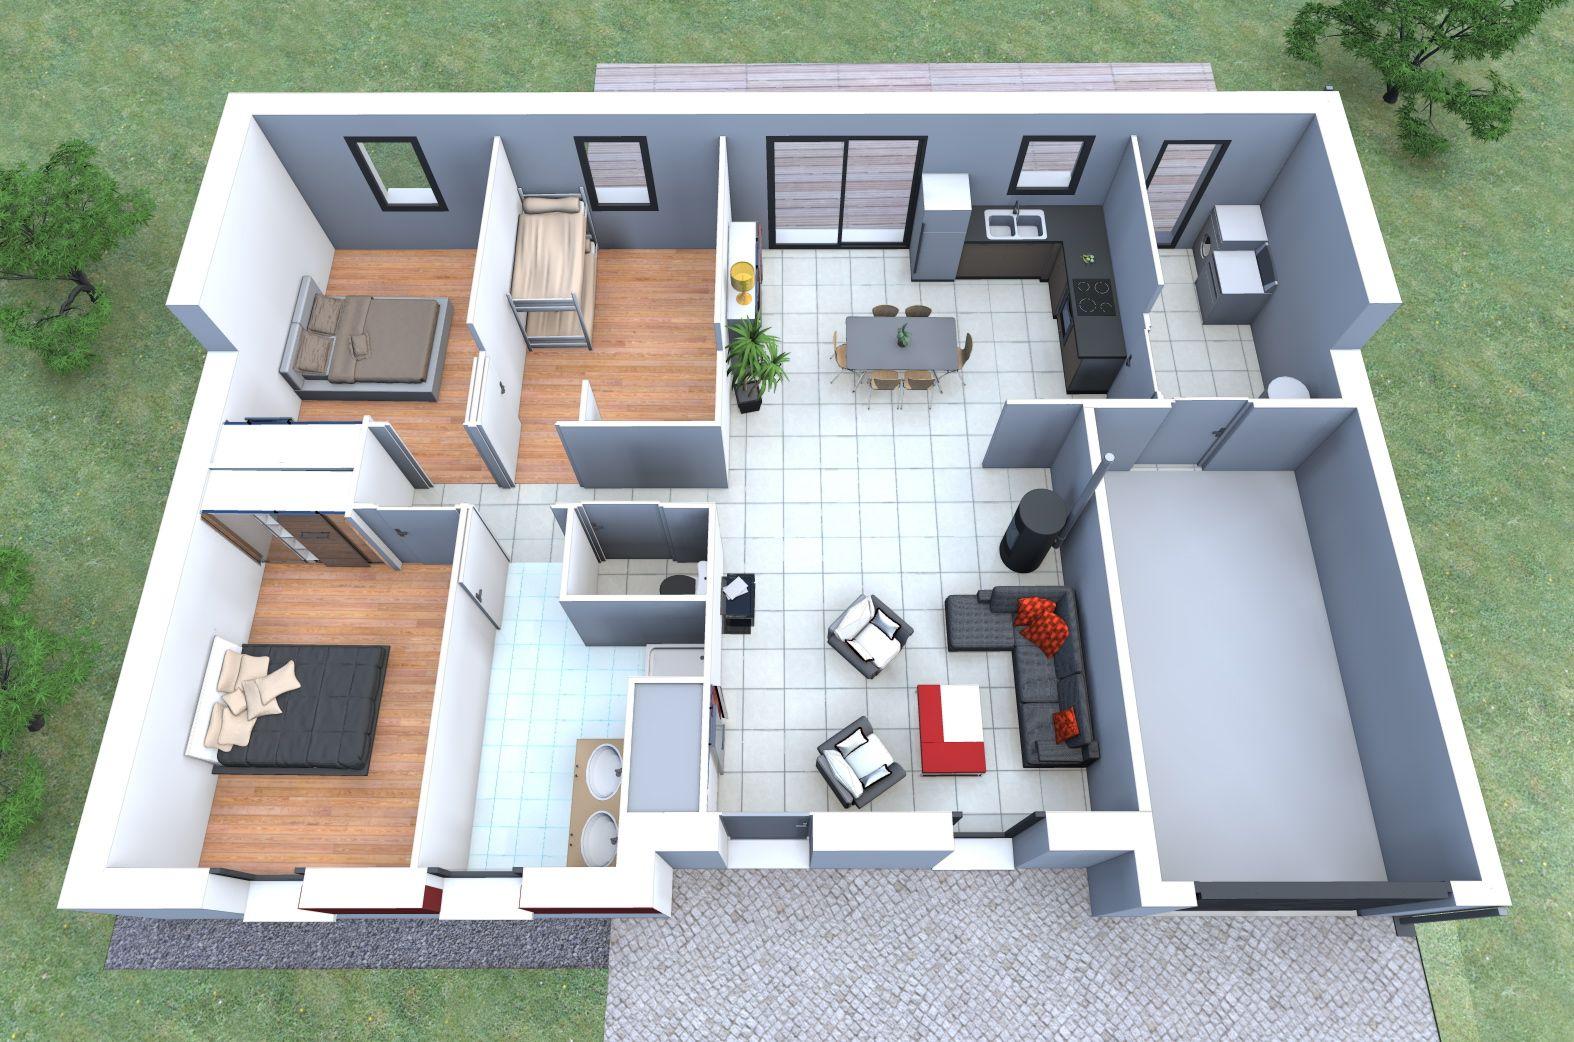 Nous Sommes Constructeur De Maison Personnalisable Et Sur Mesure, Tous Nos  Modèles De Maison Sont